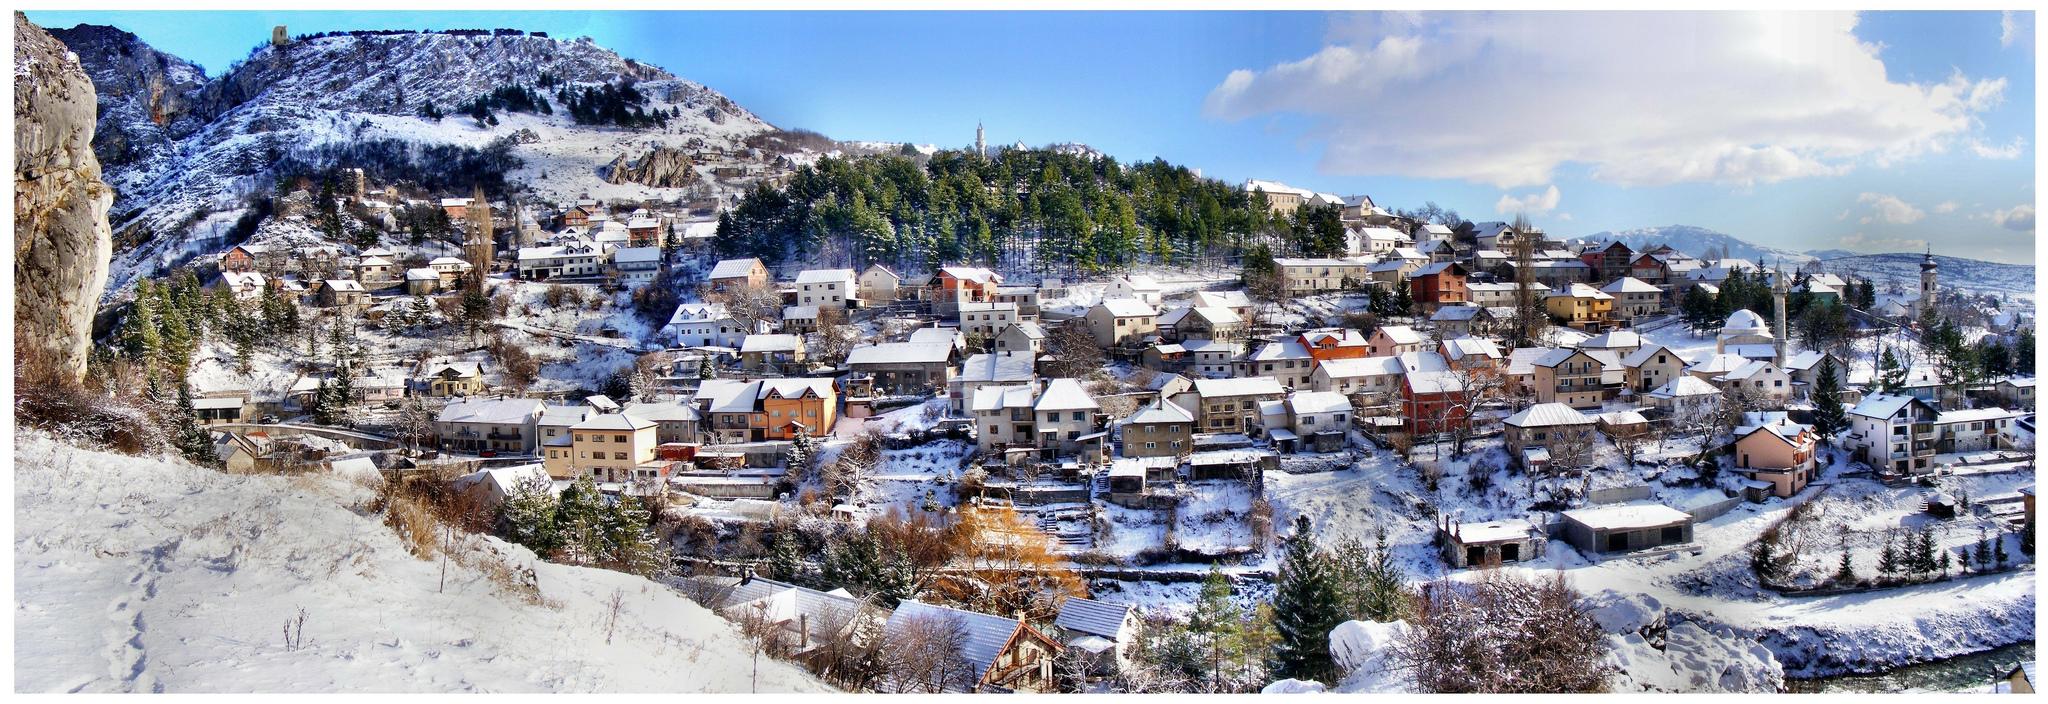 Bosna je kouzelná i v zimě, Brian Eager